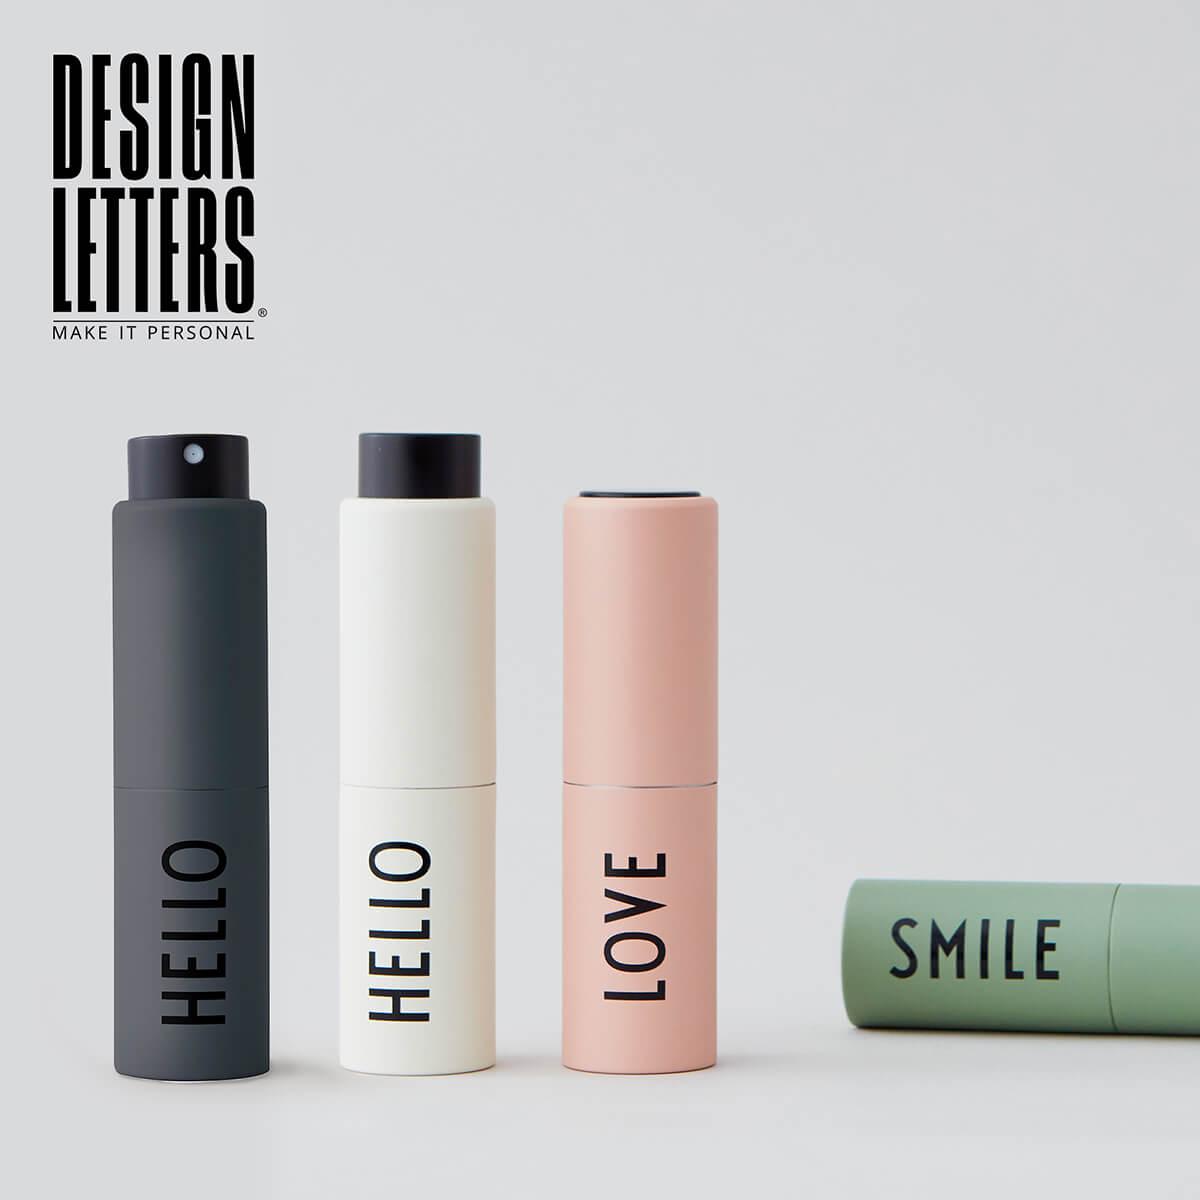 DESIGN LETTERS デザインレターズ ハンドスプレーケース 流行 おしゃれ 北欧 携帯 キッズ 持ち運び スプレー 日時指定 ケース